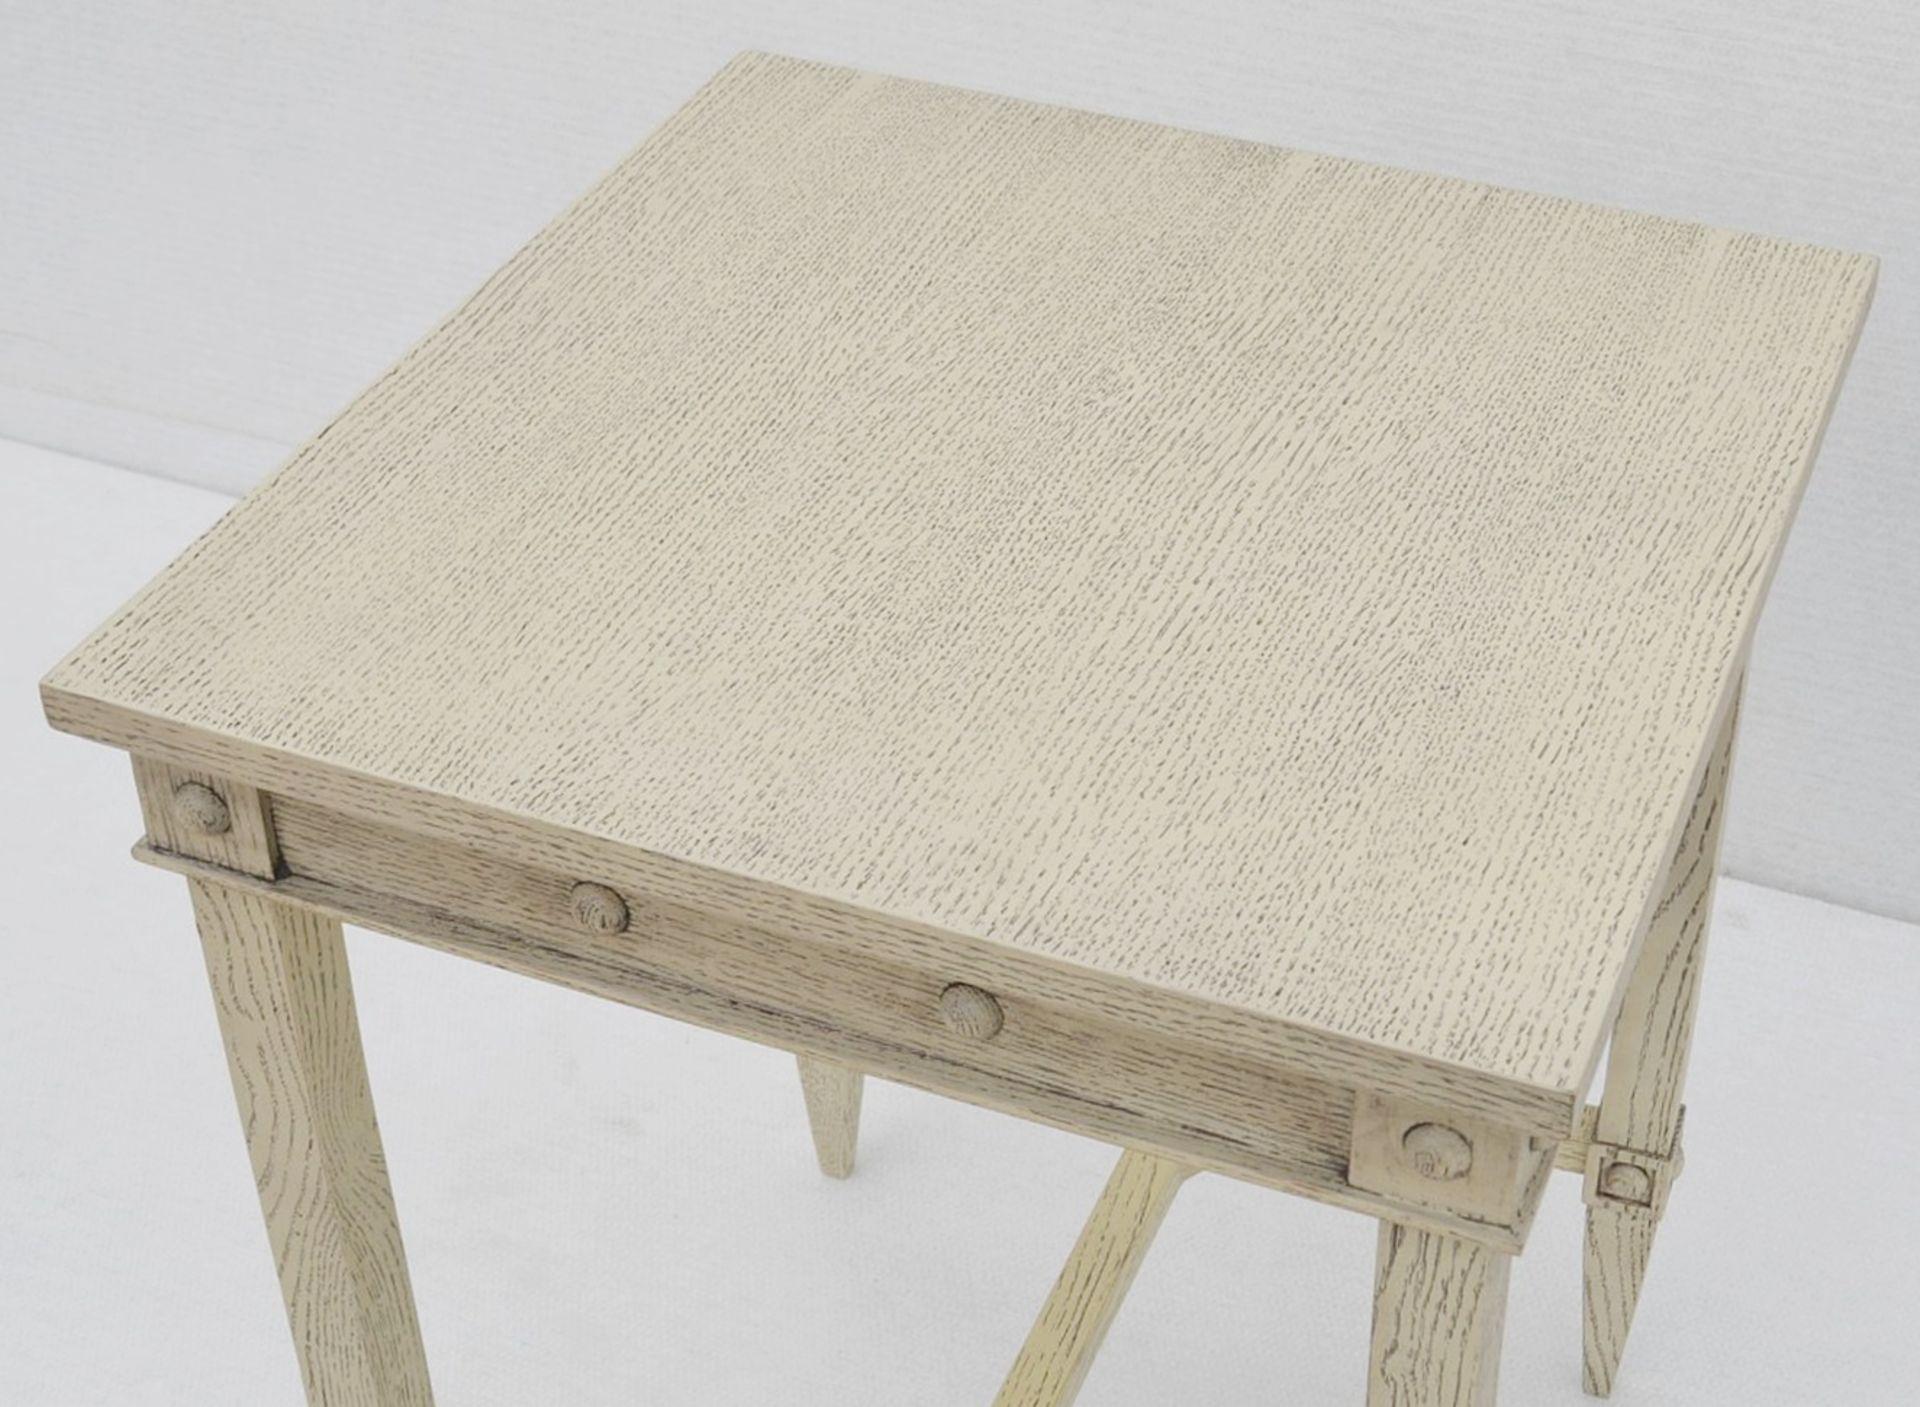 1 x JUSTIN VAN BREDA 'Thomas' Designer Georgian-inspired Occasional Table - Original RRP £1,320 - Image 3 of 8